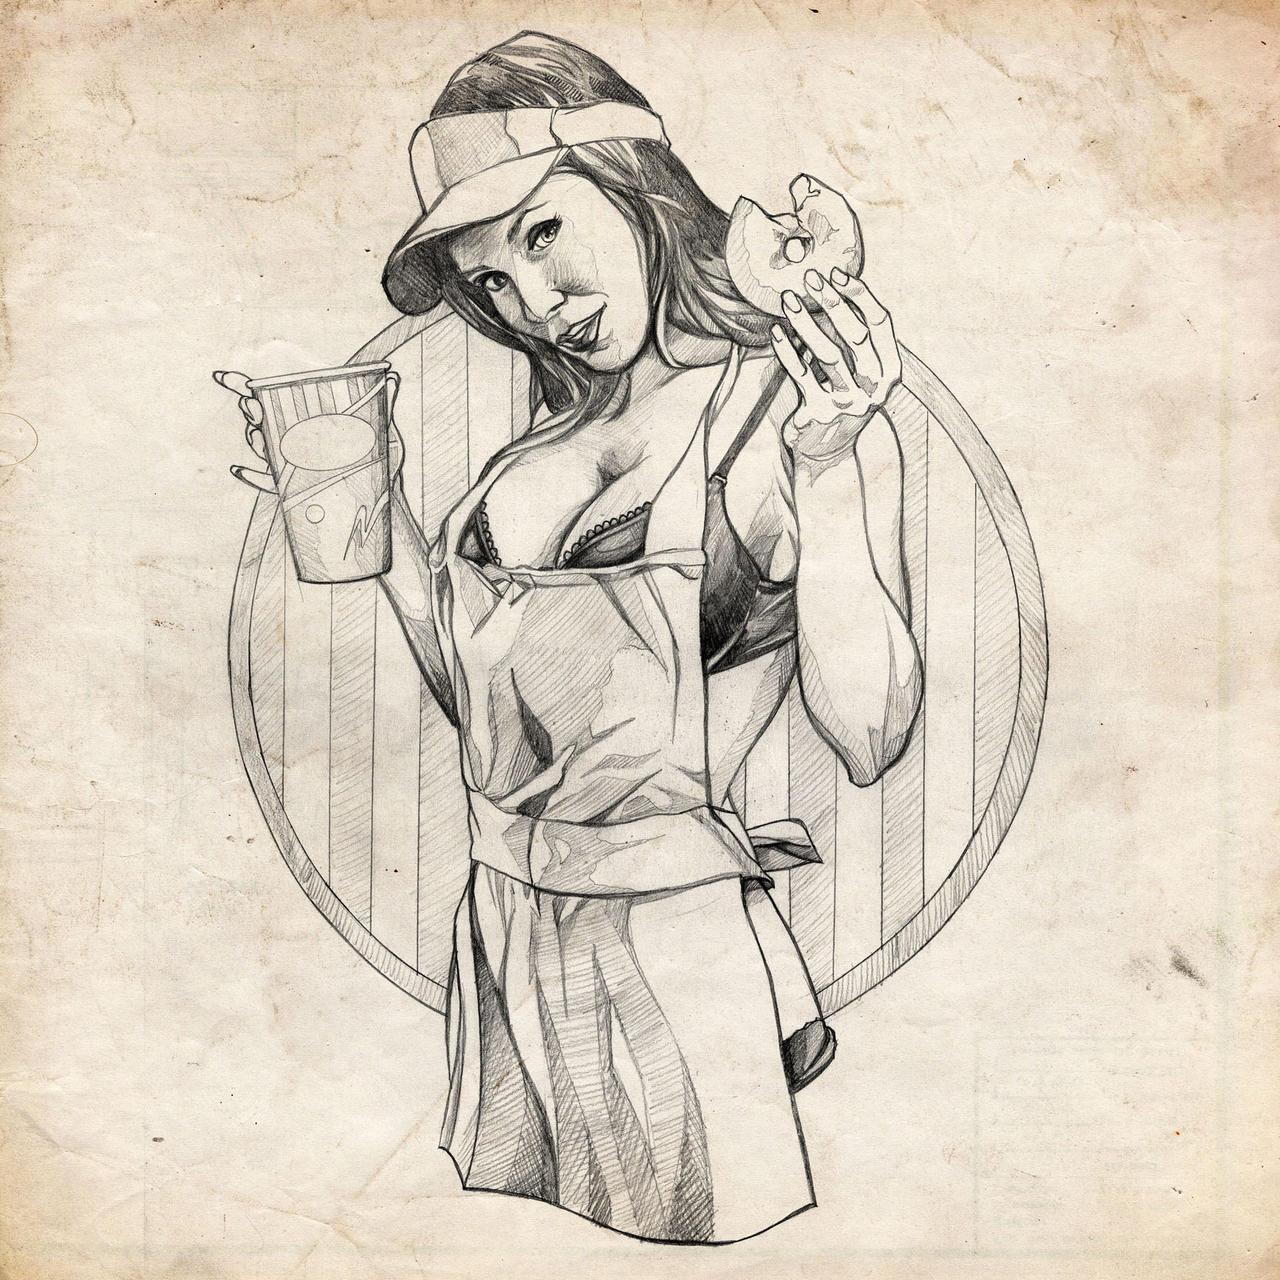 Pin up motorcycle line art jpg -  Coffee Girl Pinup Sketch By Benke33